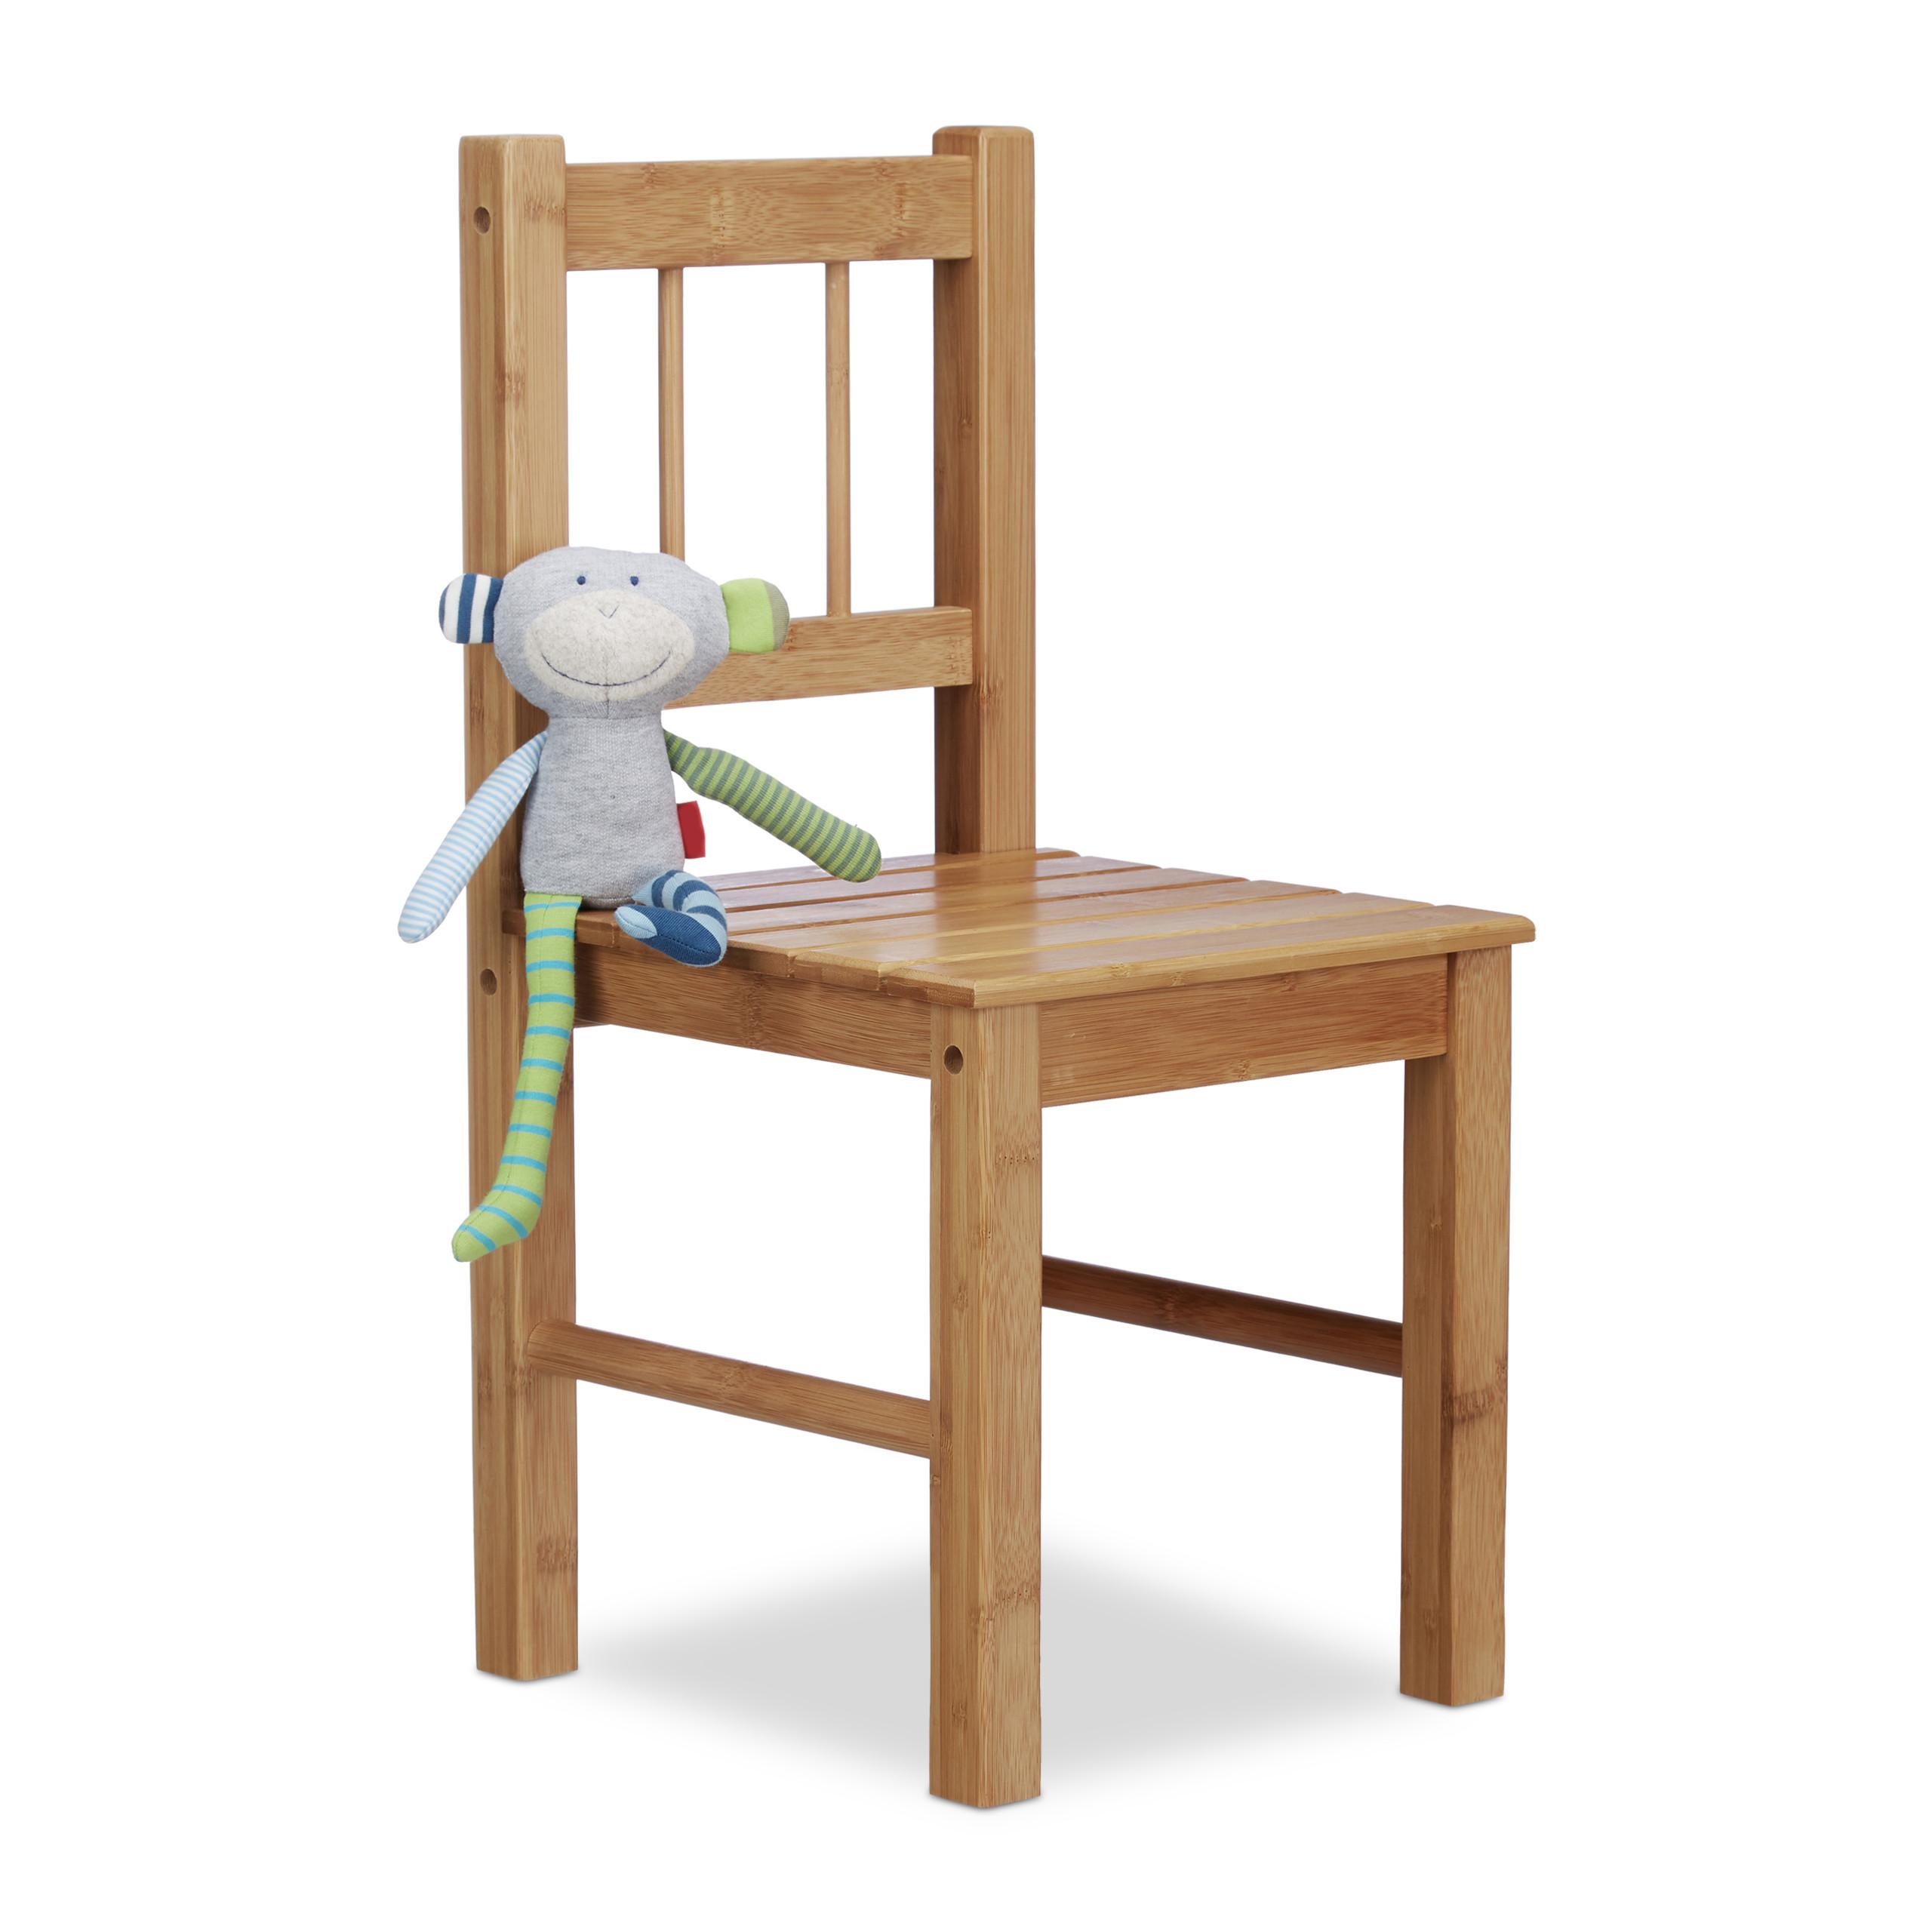 Petite chaise enfant en bambou chaise déco pour plantes ou fleurs